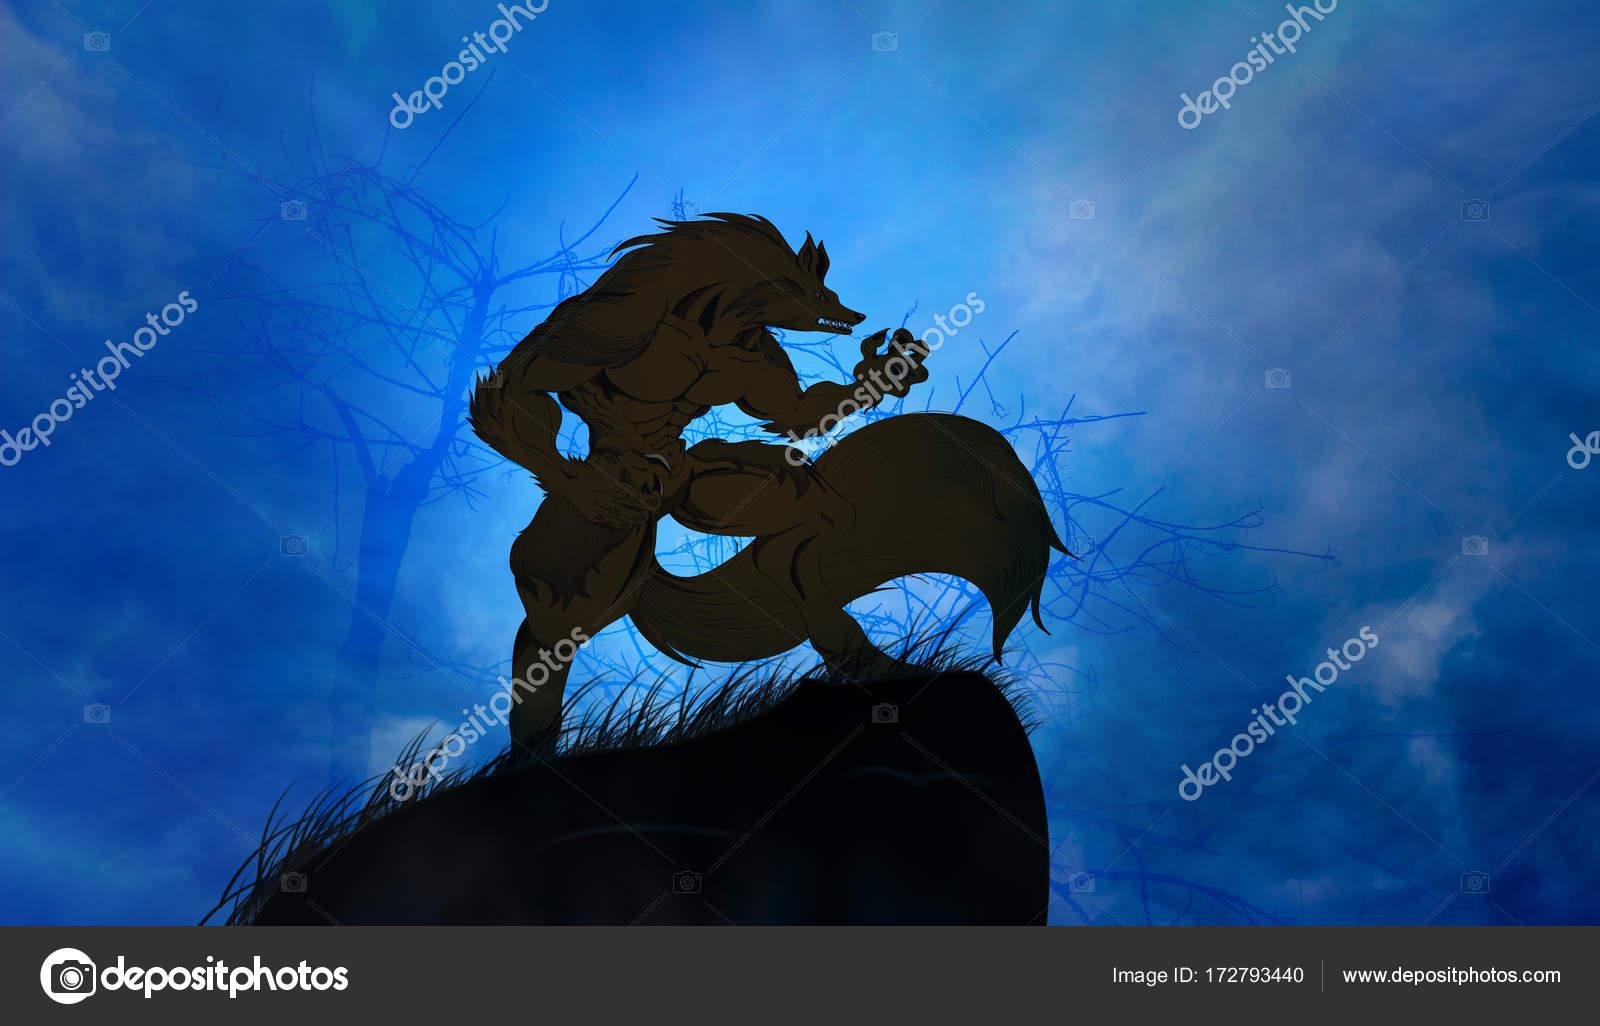 Fotos Hombre Lobo Aullando A La Luna Hombre Lobo Aullando A La